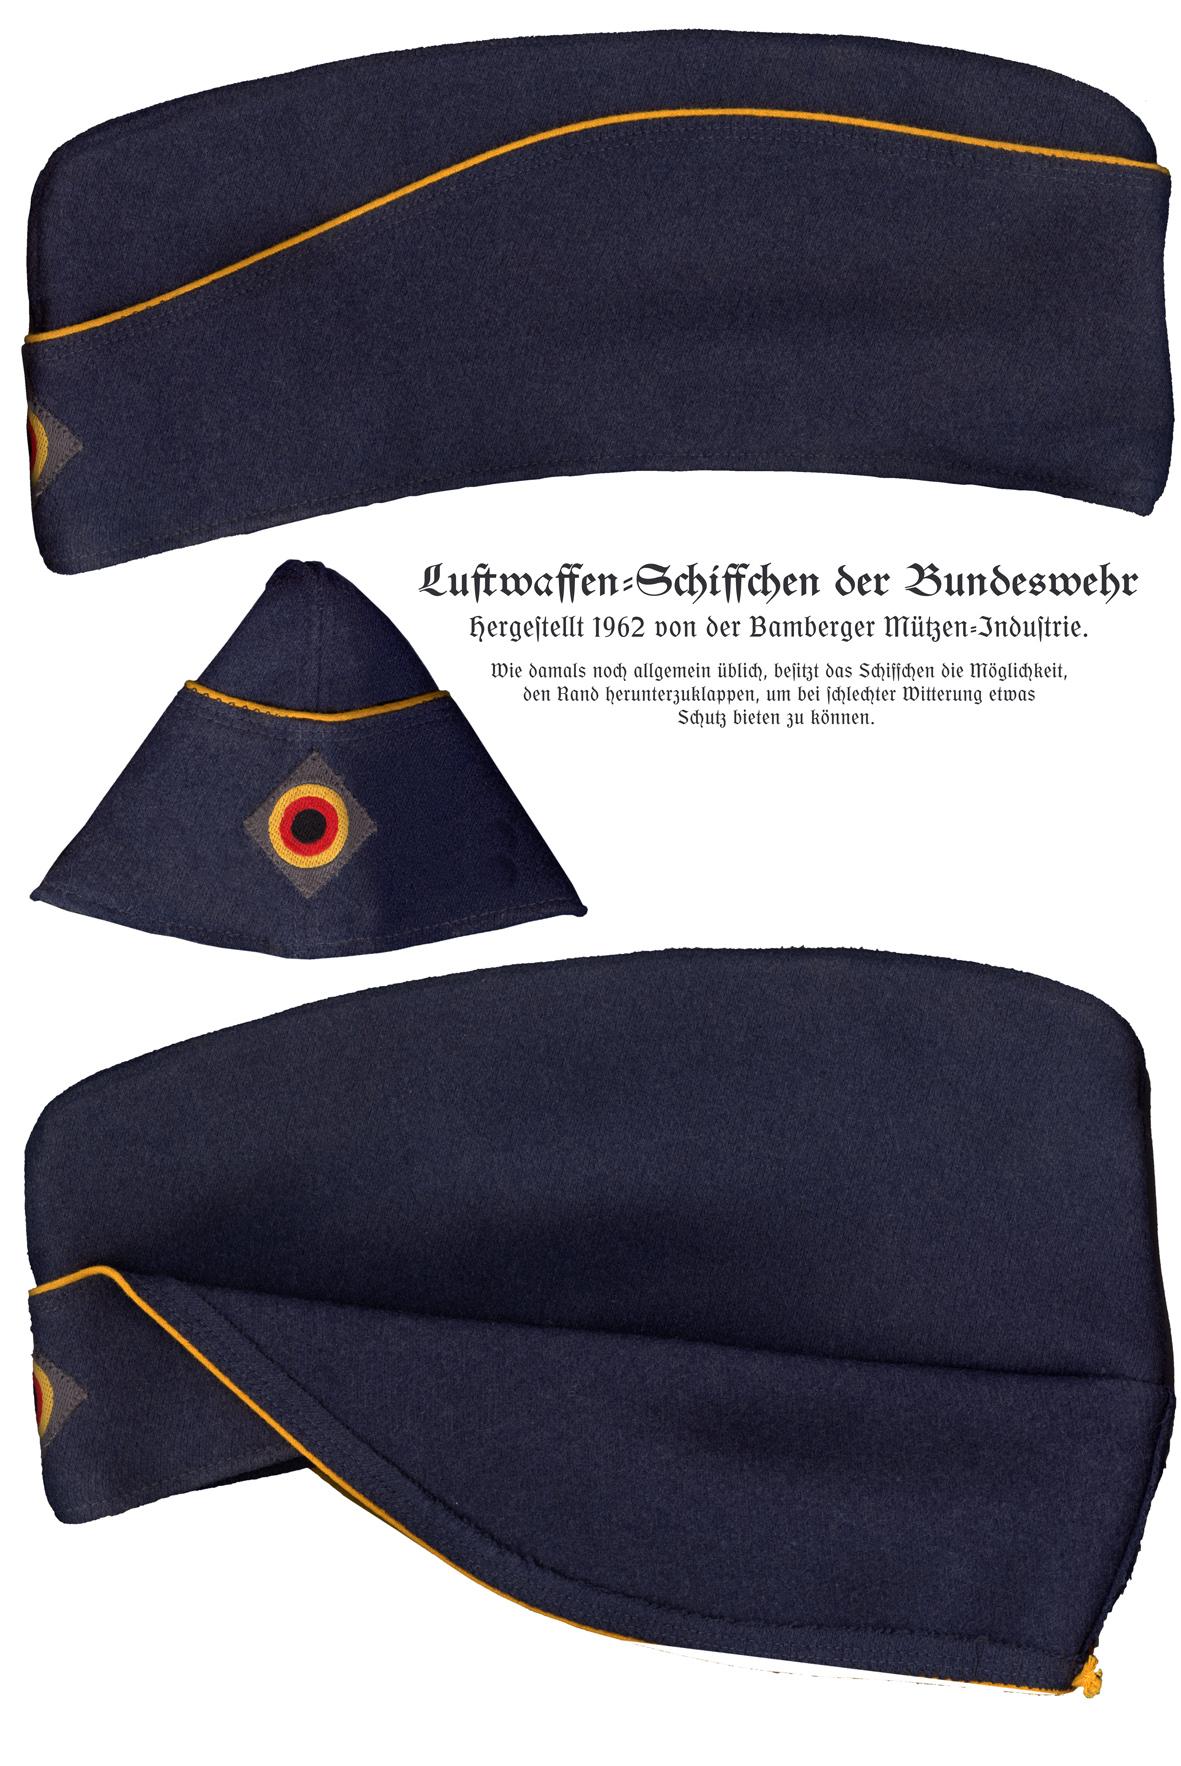 Schiffchen (Uniform) – Wikipedia